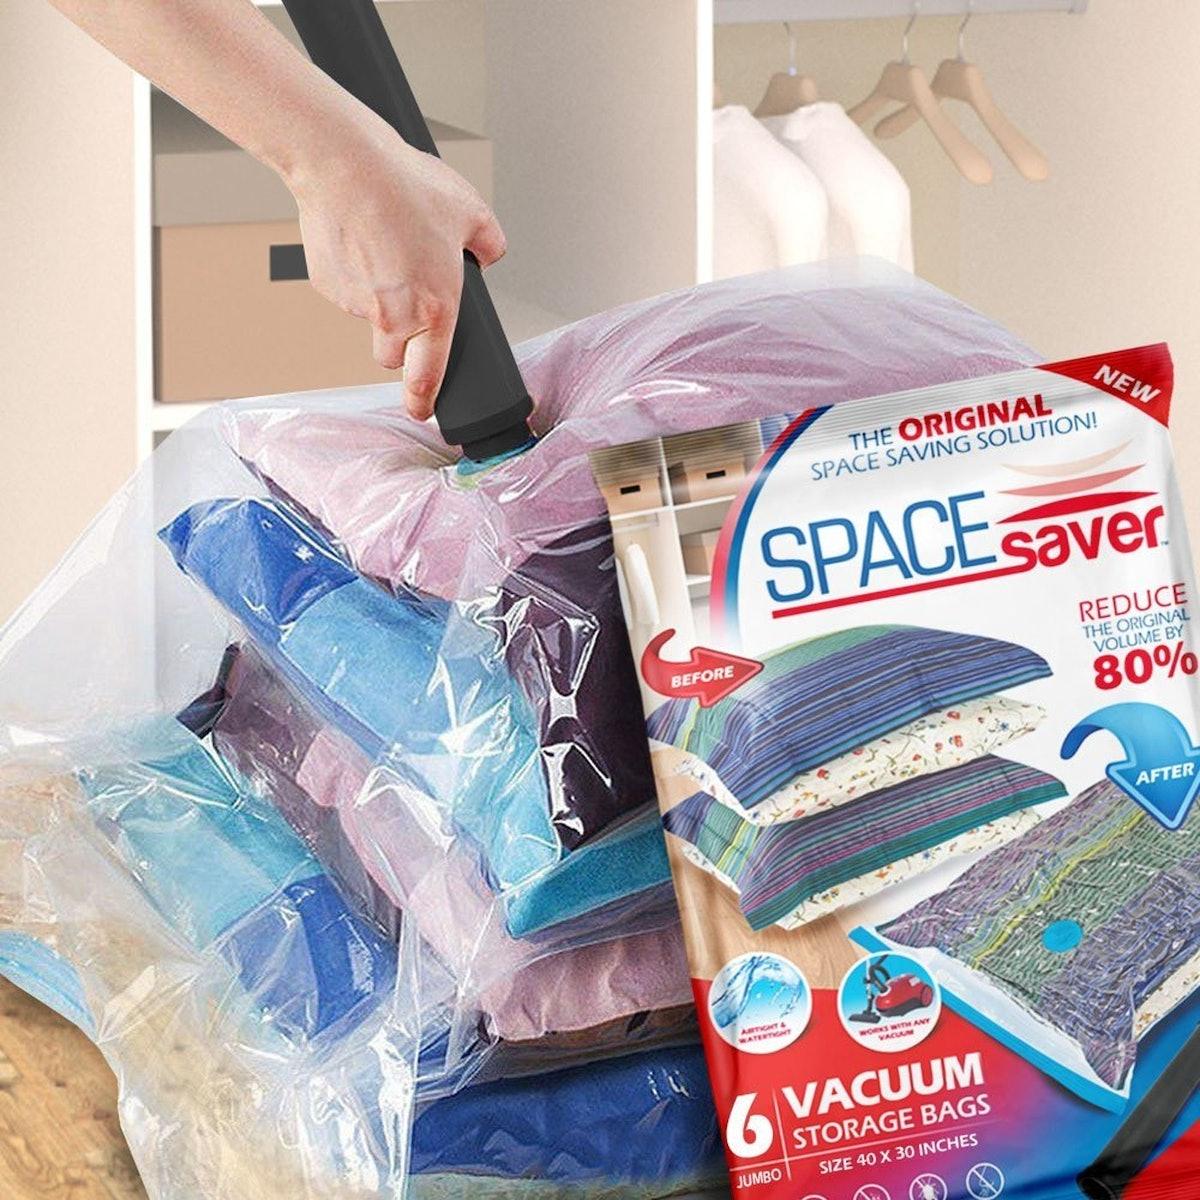 SpaceSaver Vacuum Storage Bags